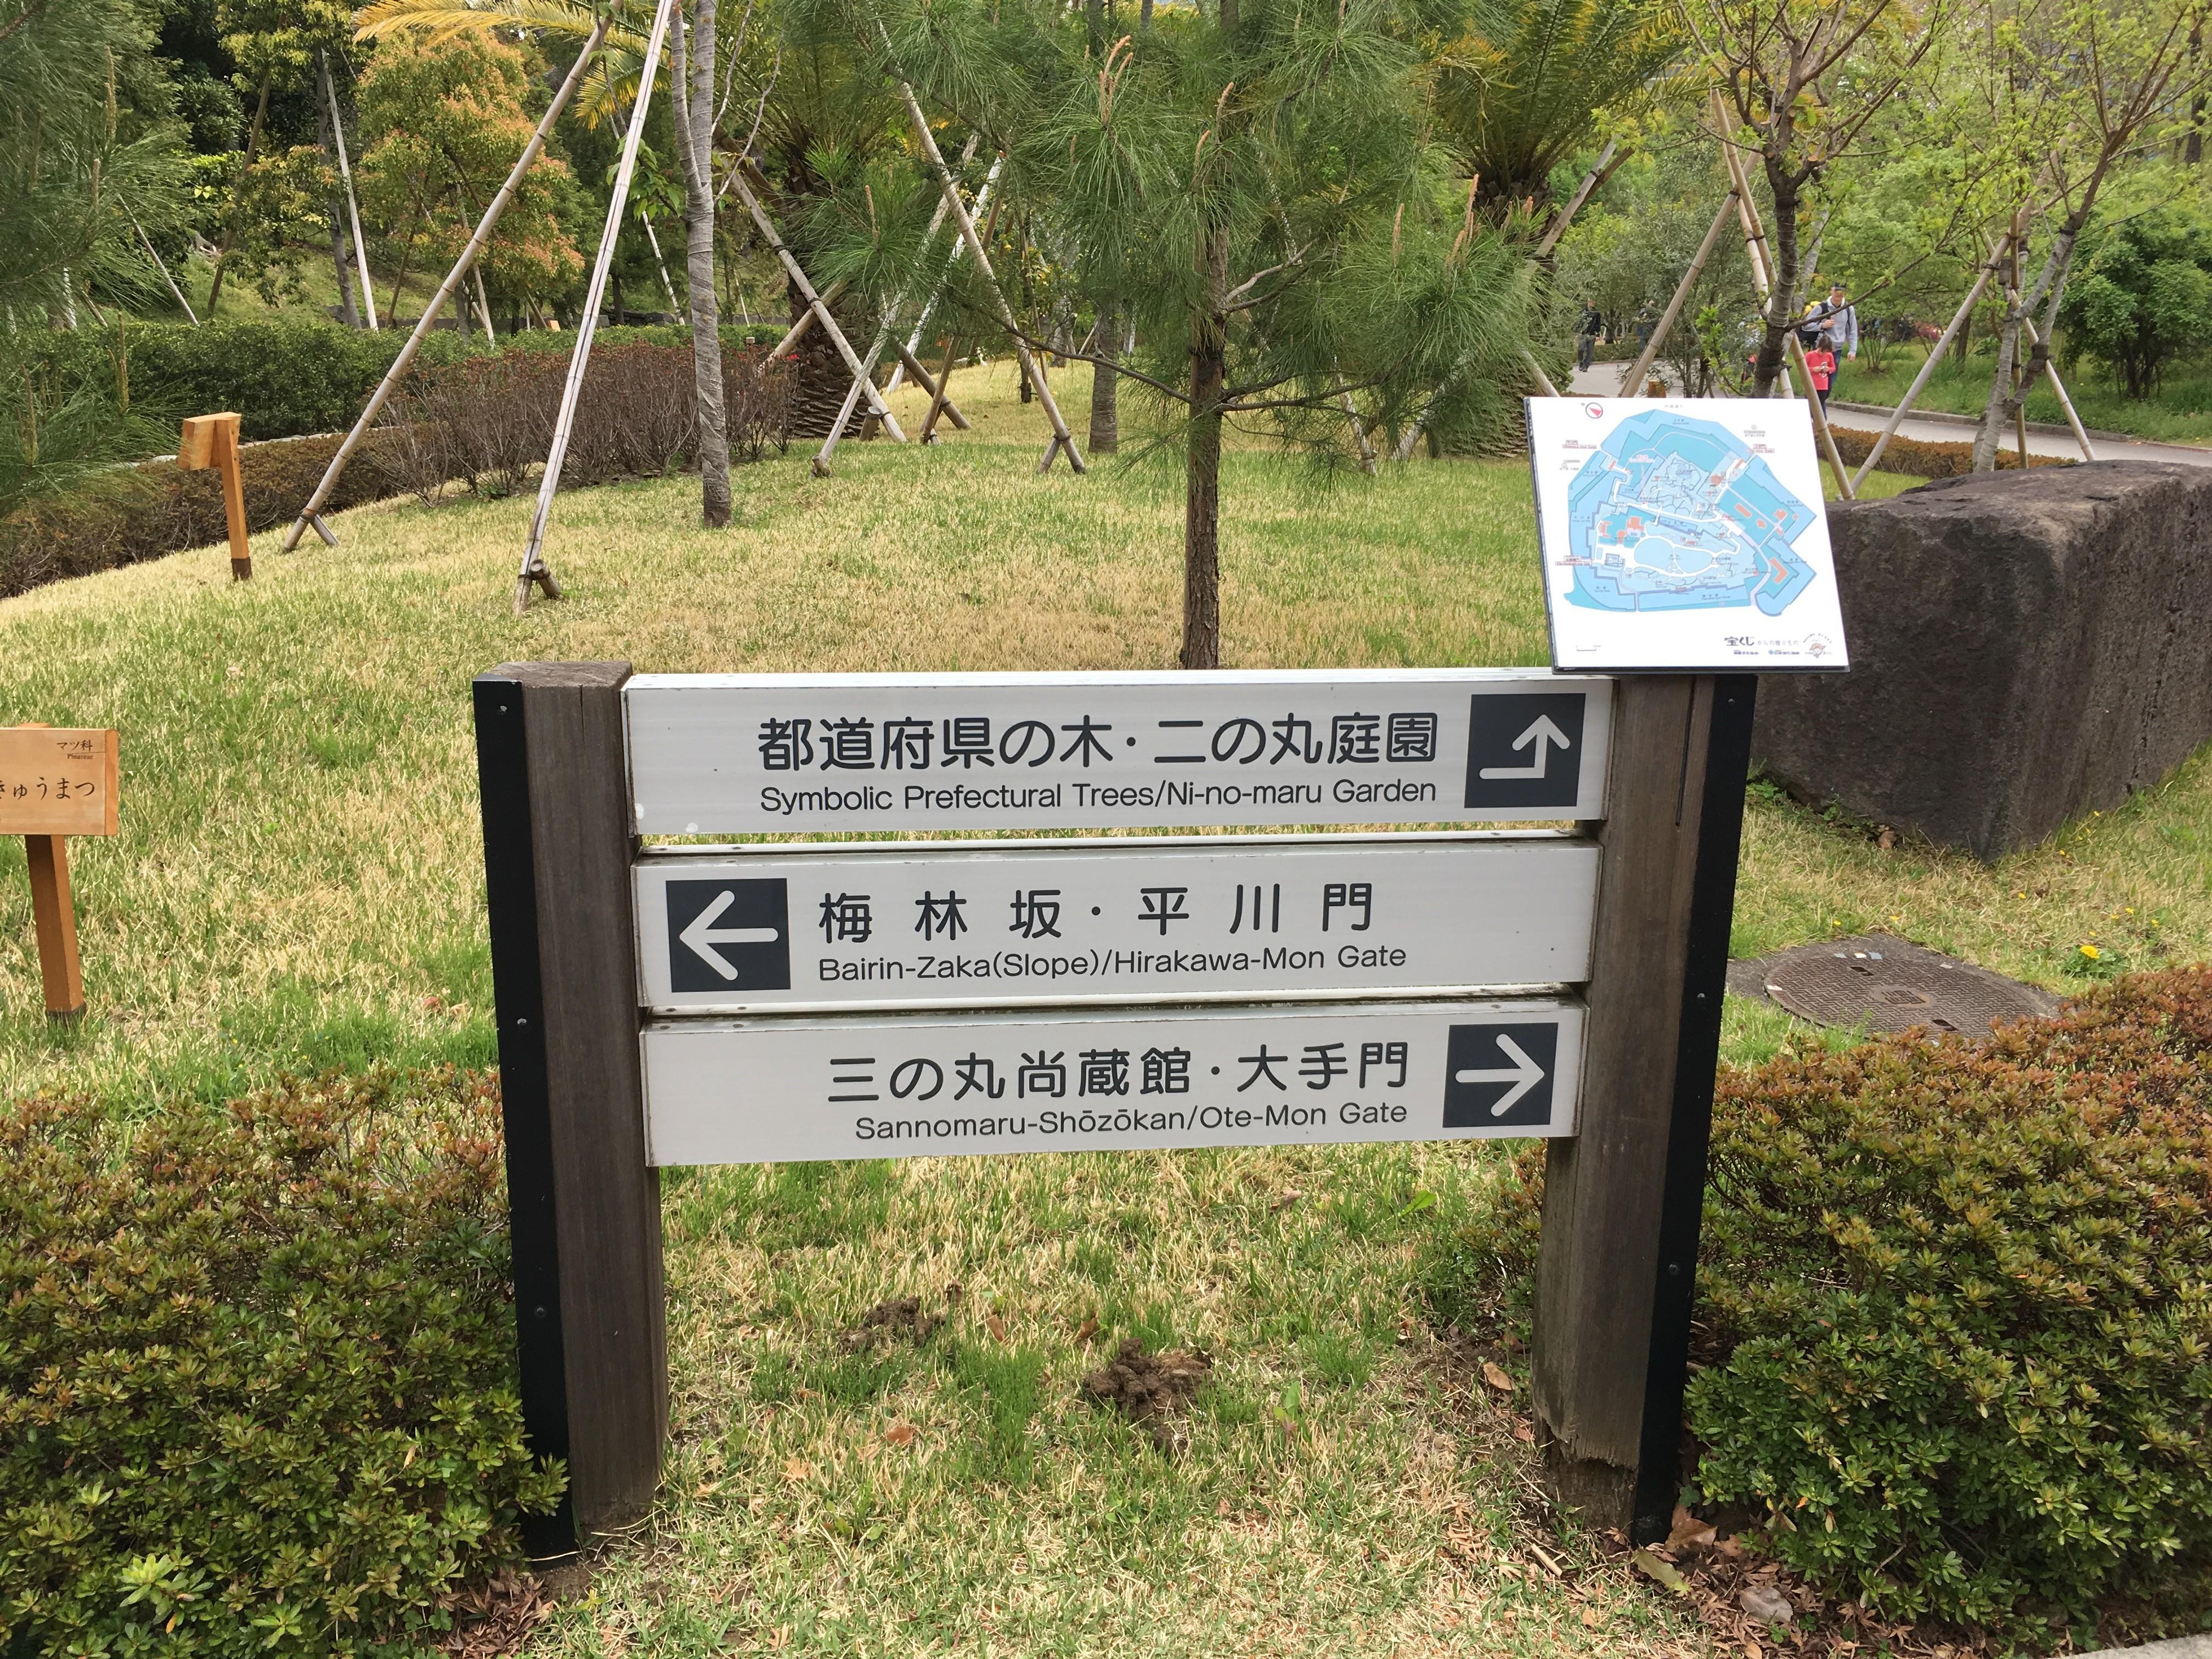 都道府県の木・二の丸庭園